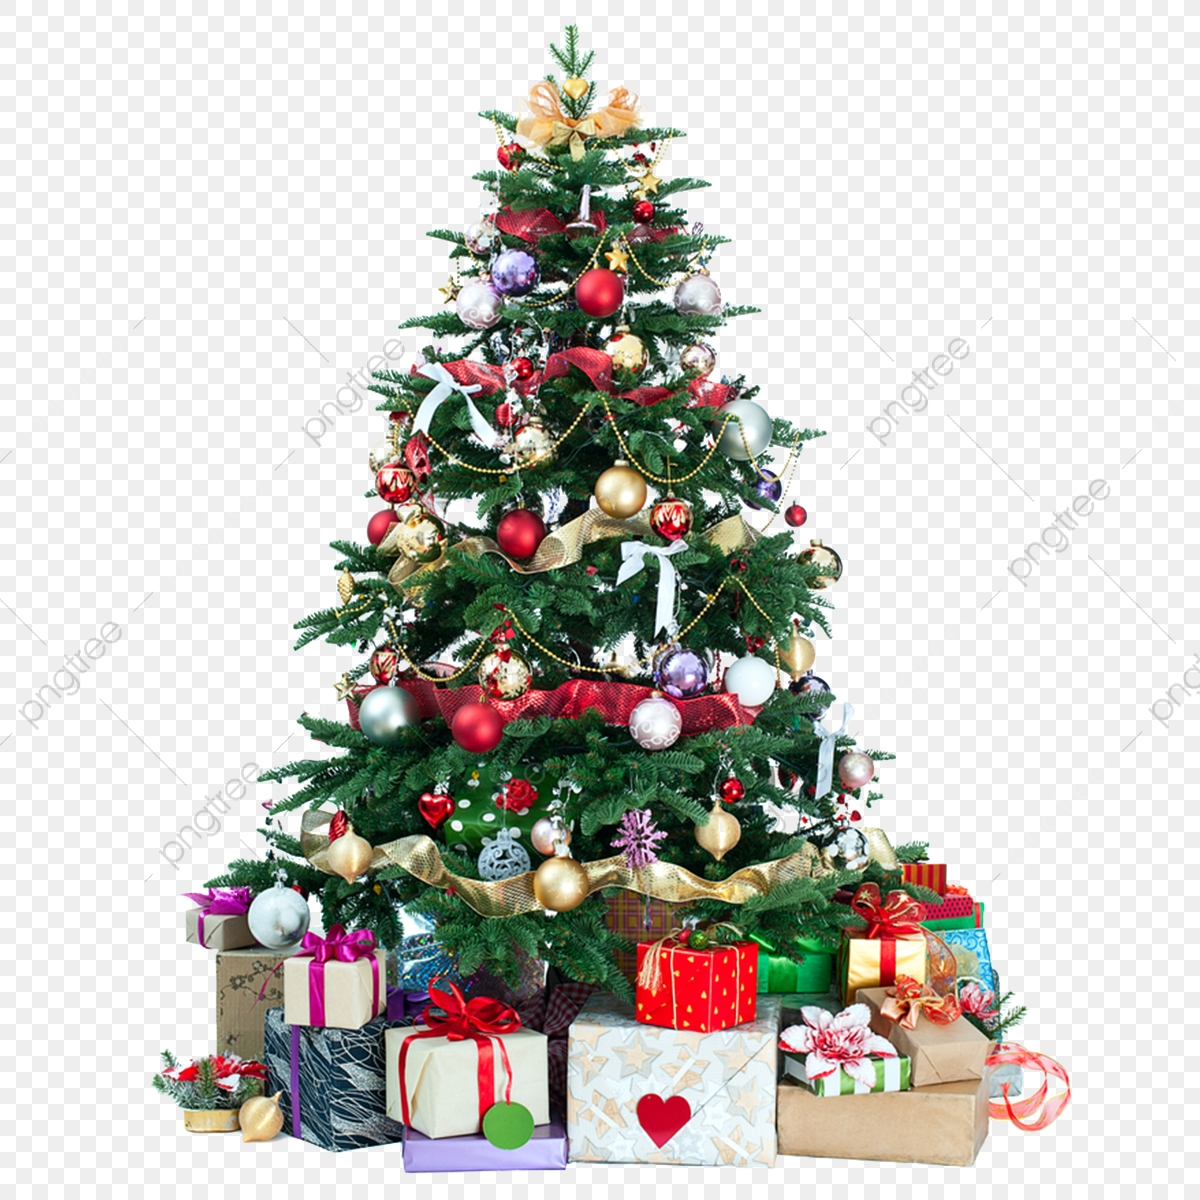 Weihnachtsbaum Clipart.Weihnachtsbaum Hintergrund Der Star Weihnachten Weihnachten Clipart